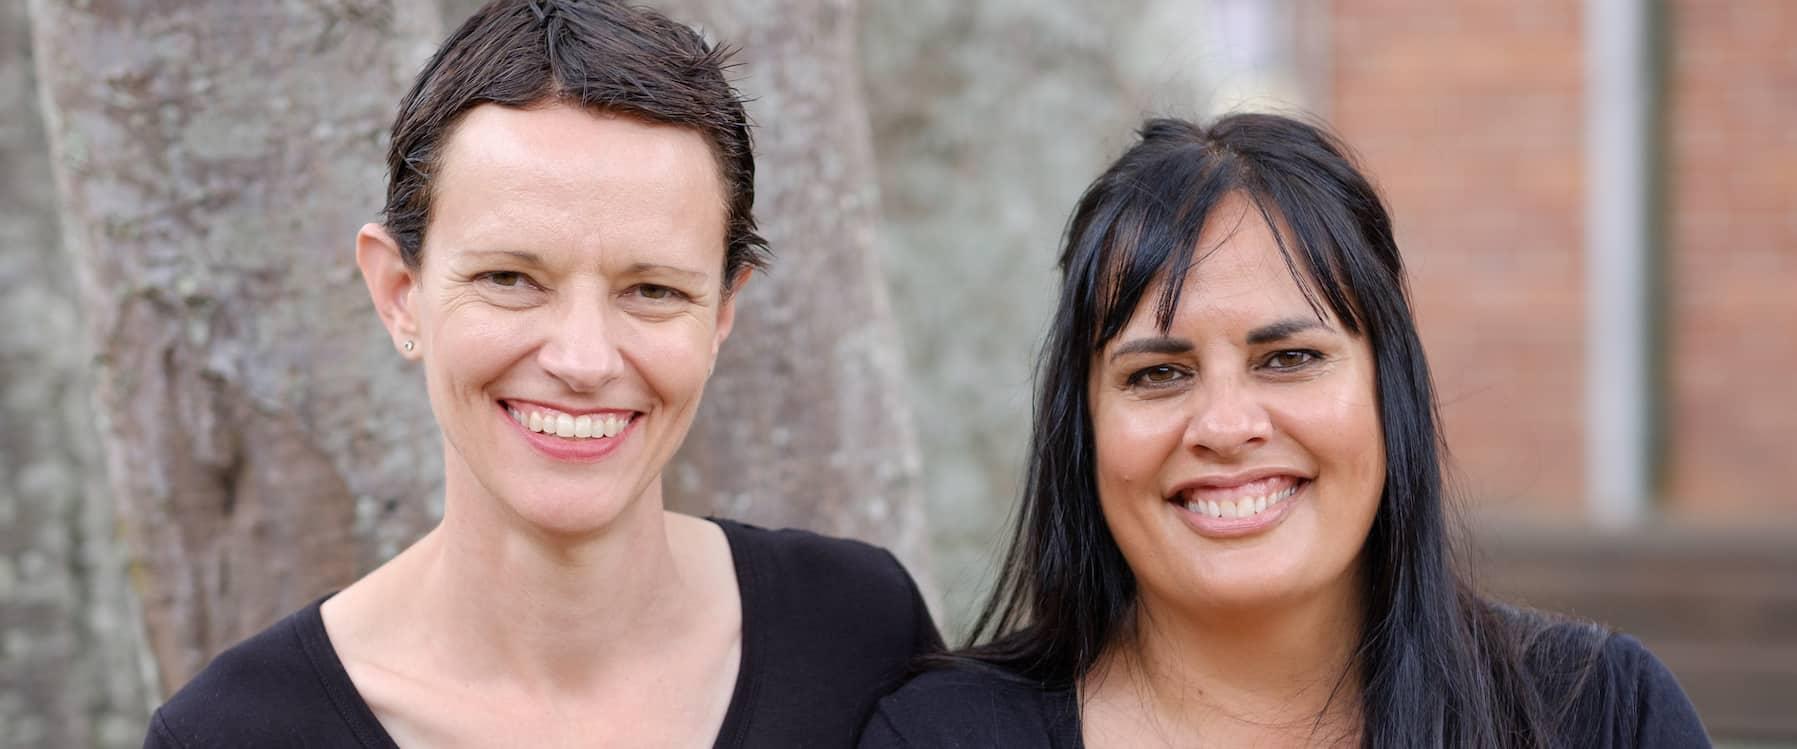 Yvette Swan and Deborah Cook, Leela Therapists